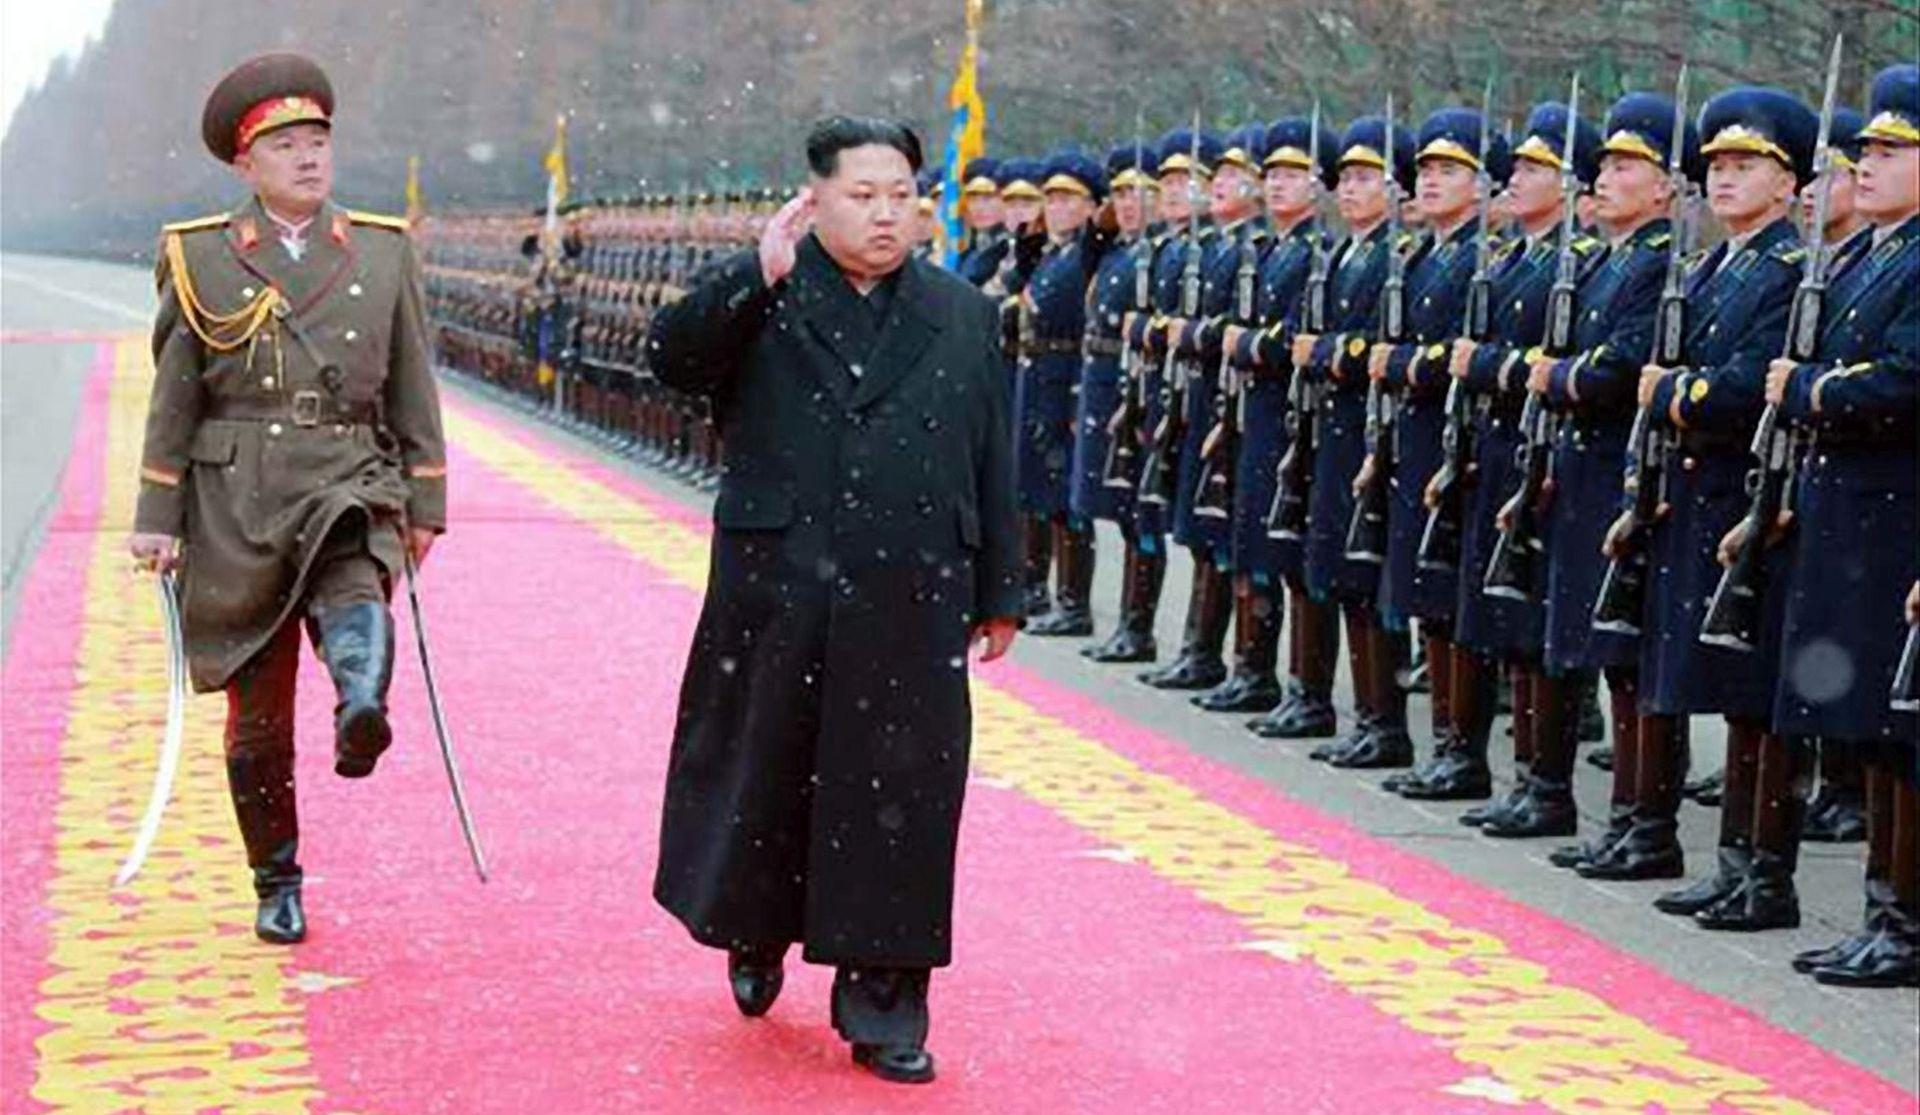 Sjeverna Koreja lansirala raketu dugog dometa, sazvana hitna sjednica Vijeća sigurnosti UN-a